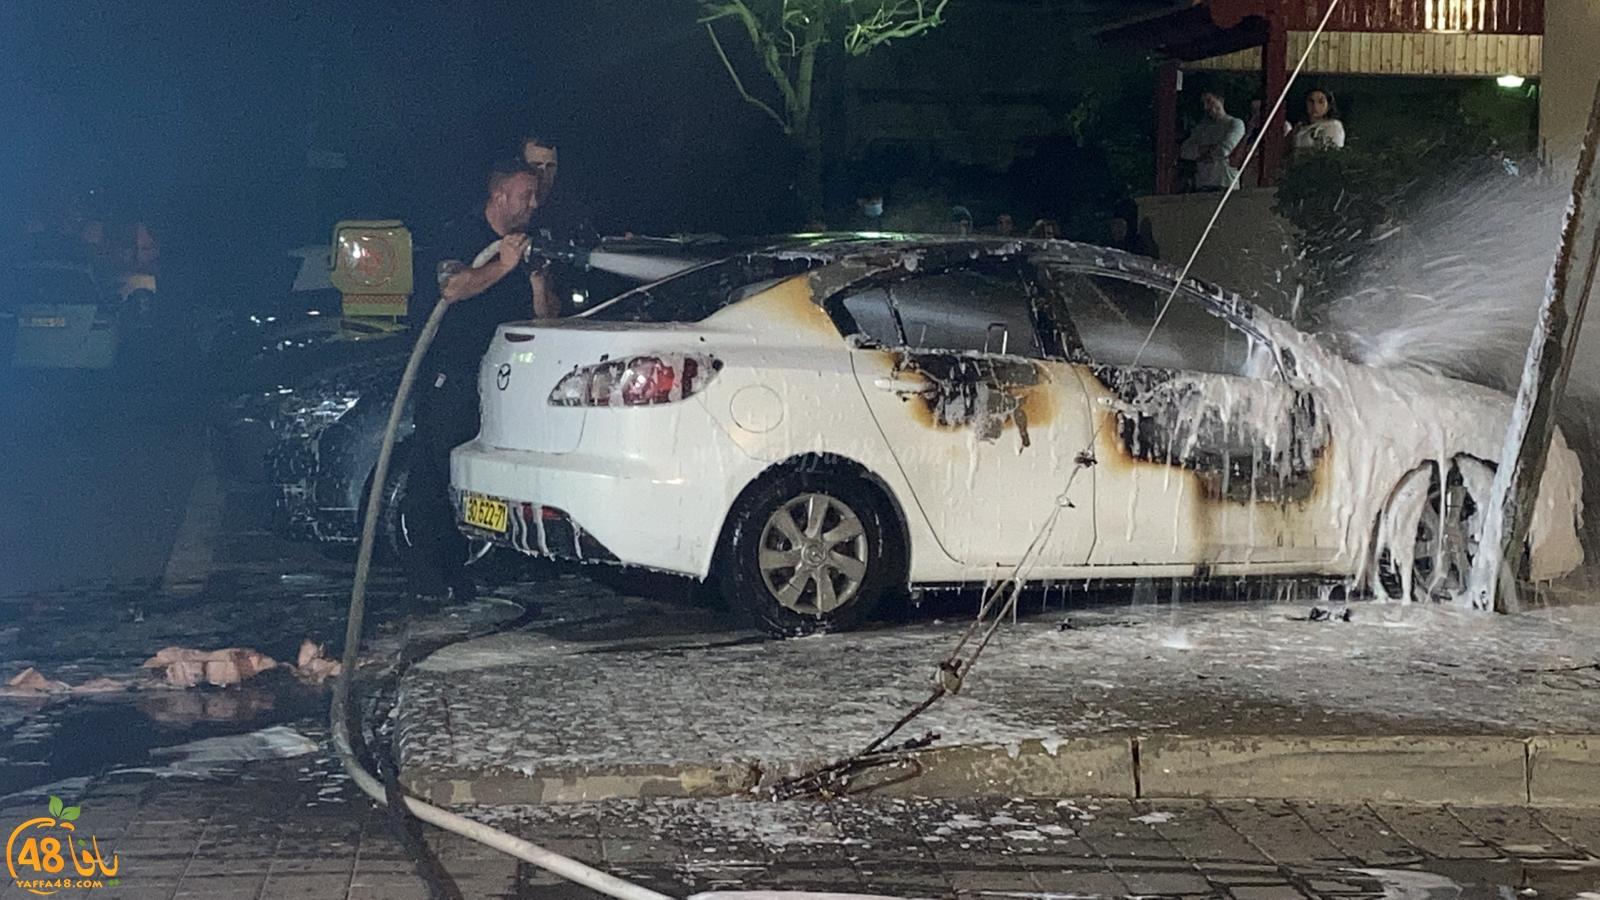 فجر اليوم - احتراق مركبة في مدينة يافا دون تسجيل اصابات